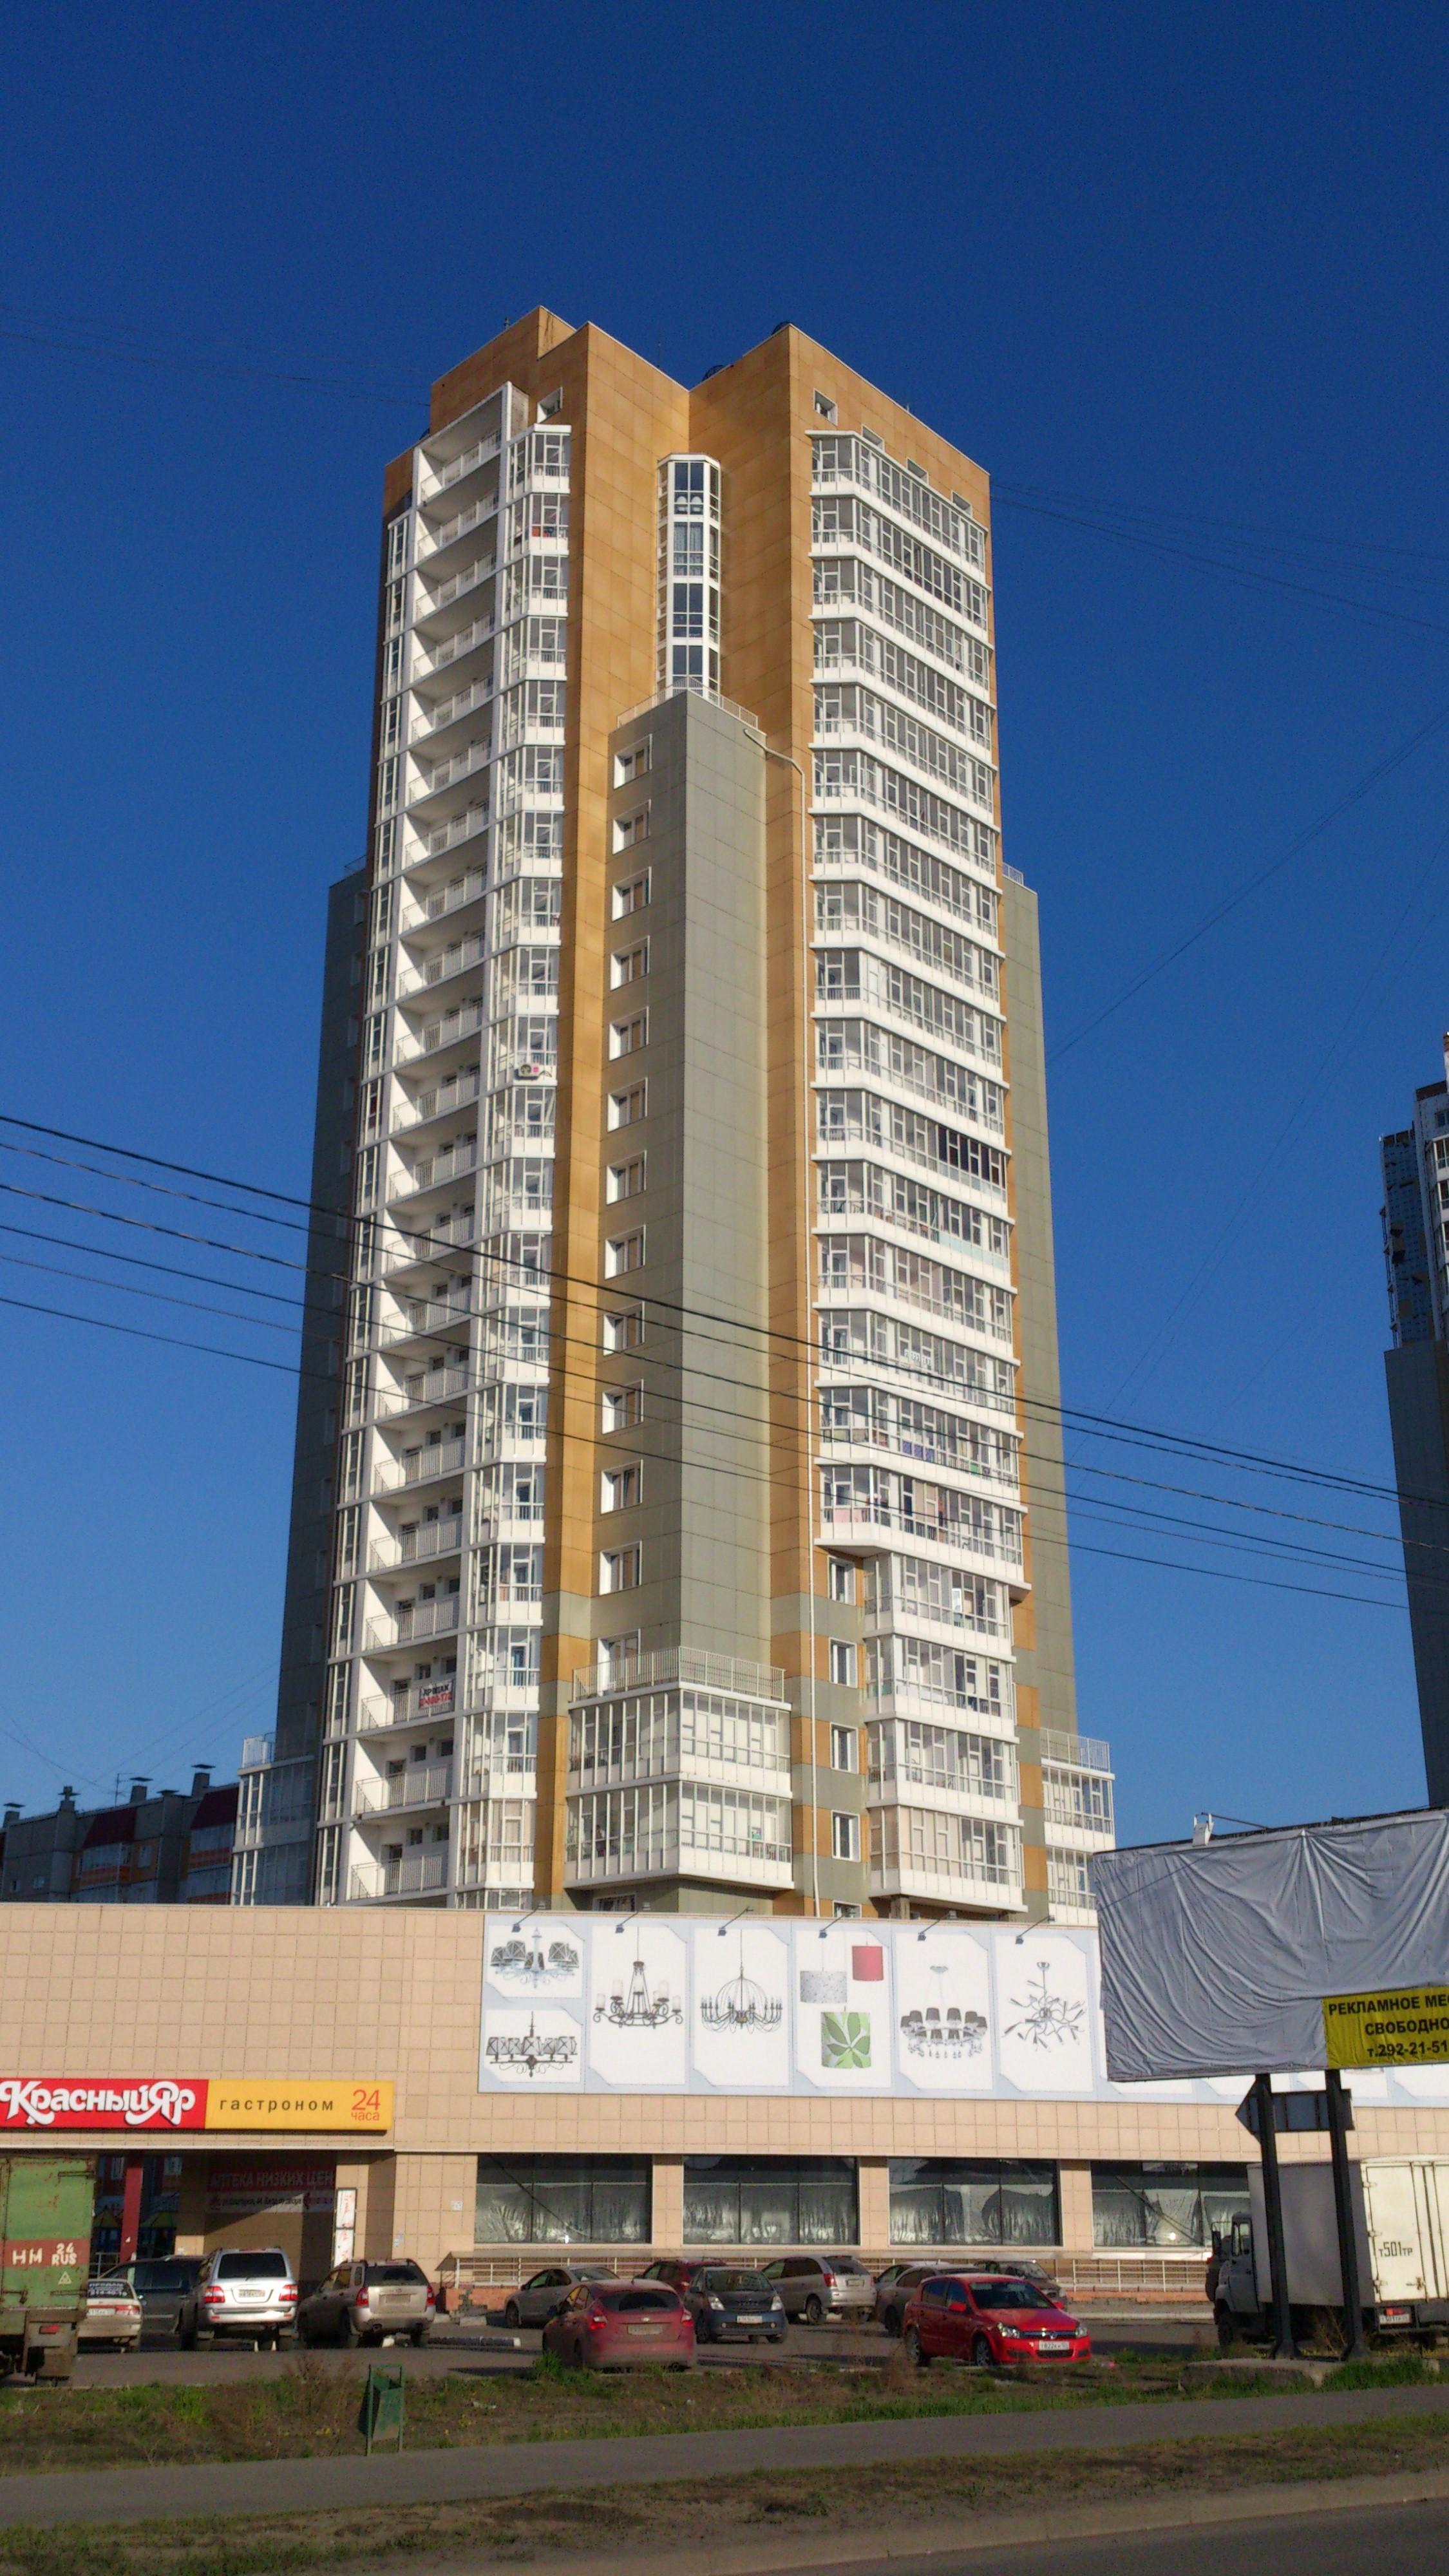 Красноярск 25-этажные жилые дома на ул.Шахтеров. 2.06.2013 г.